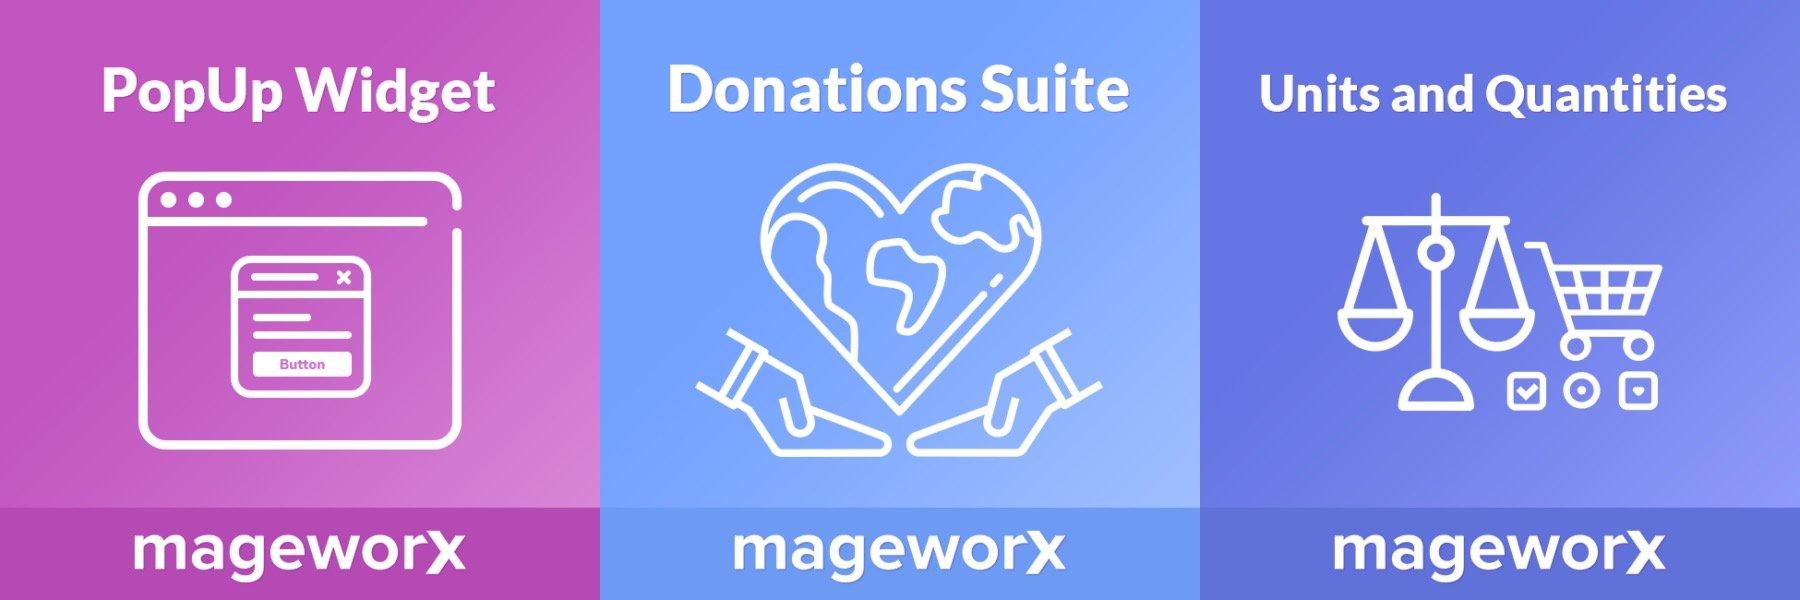 Donations Suite